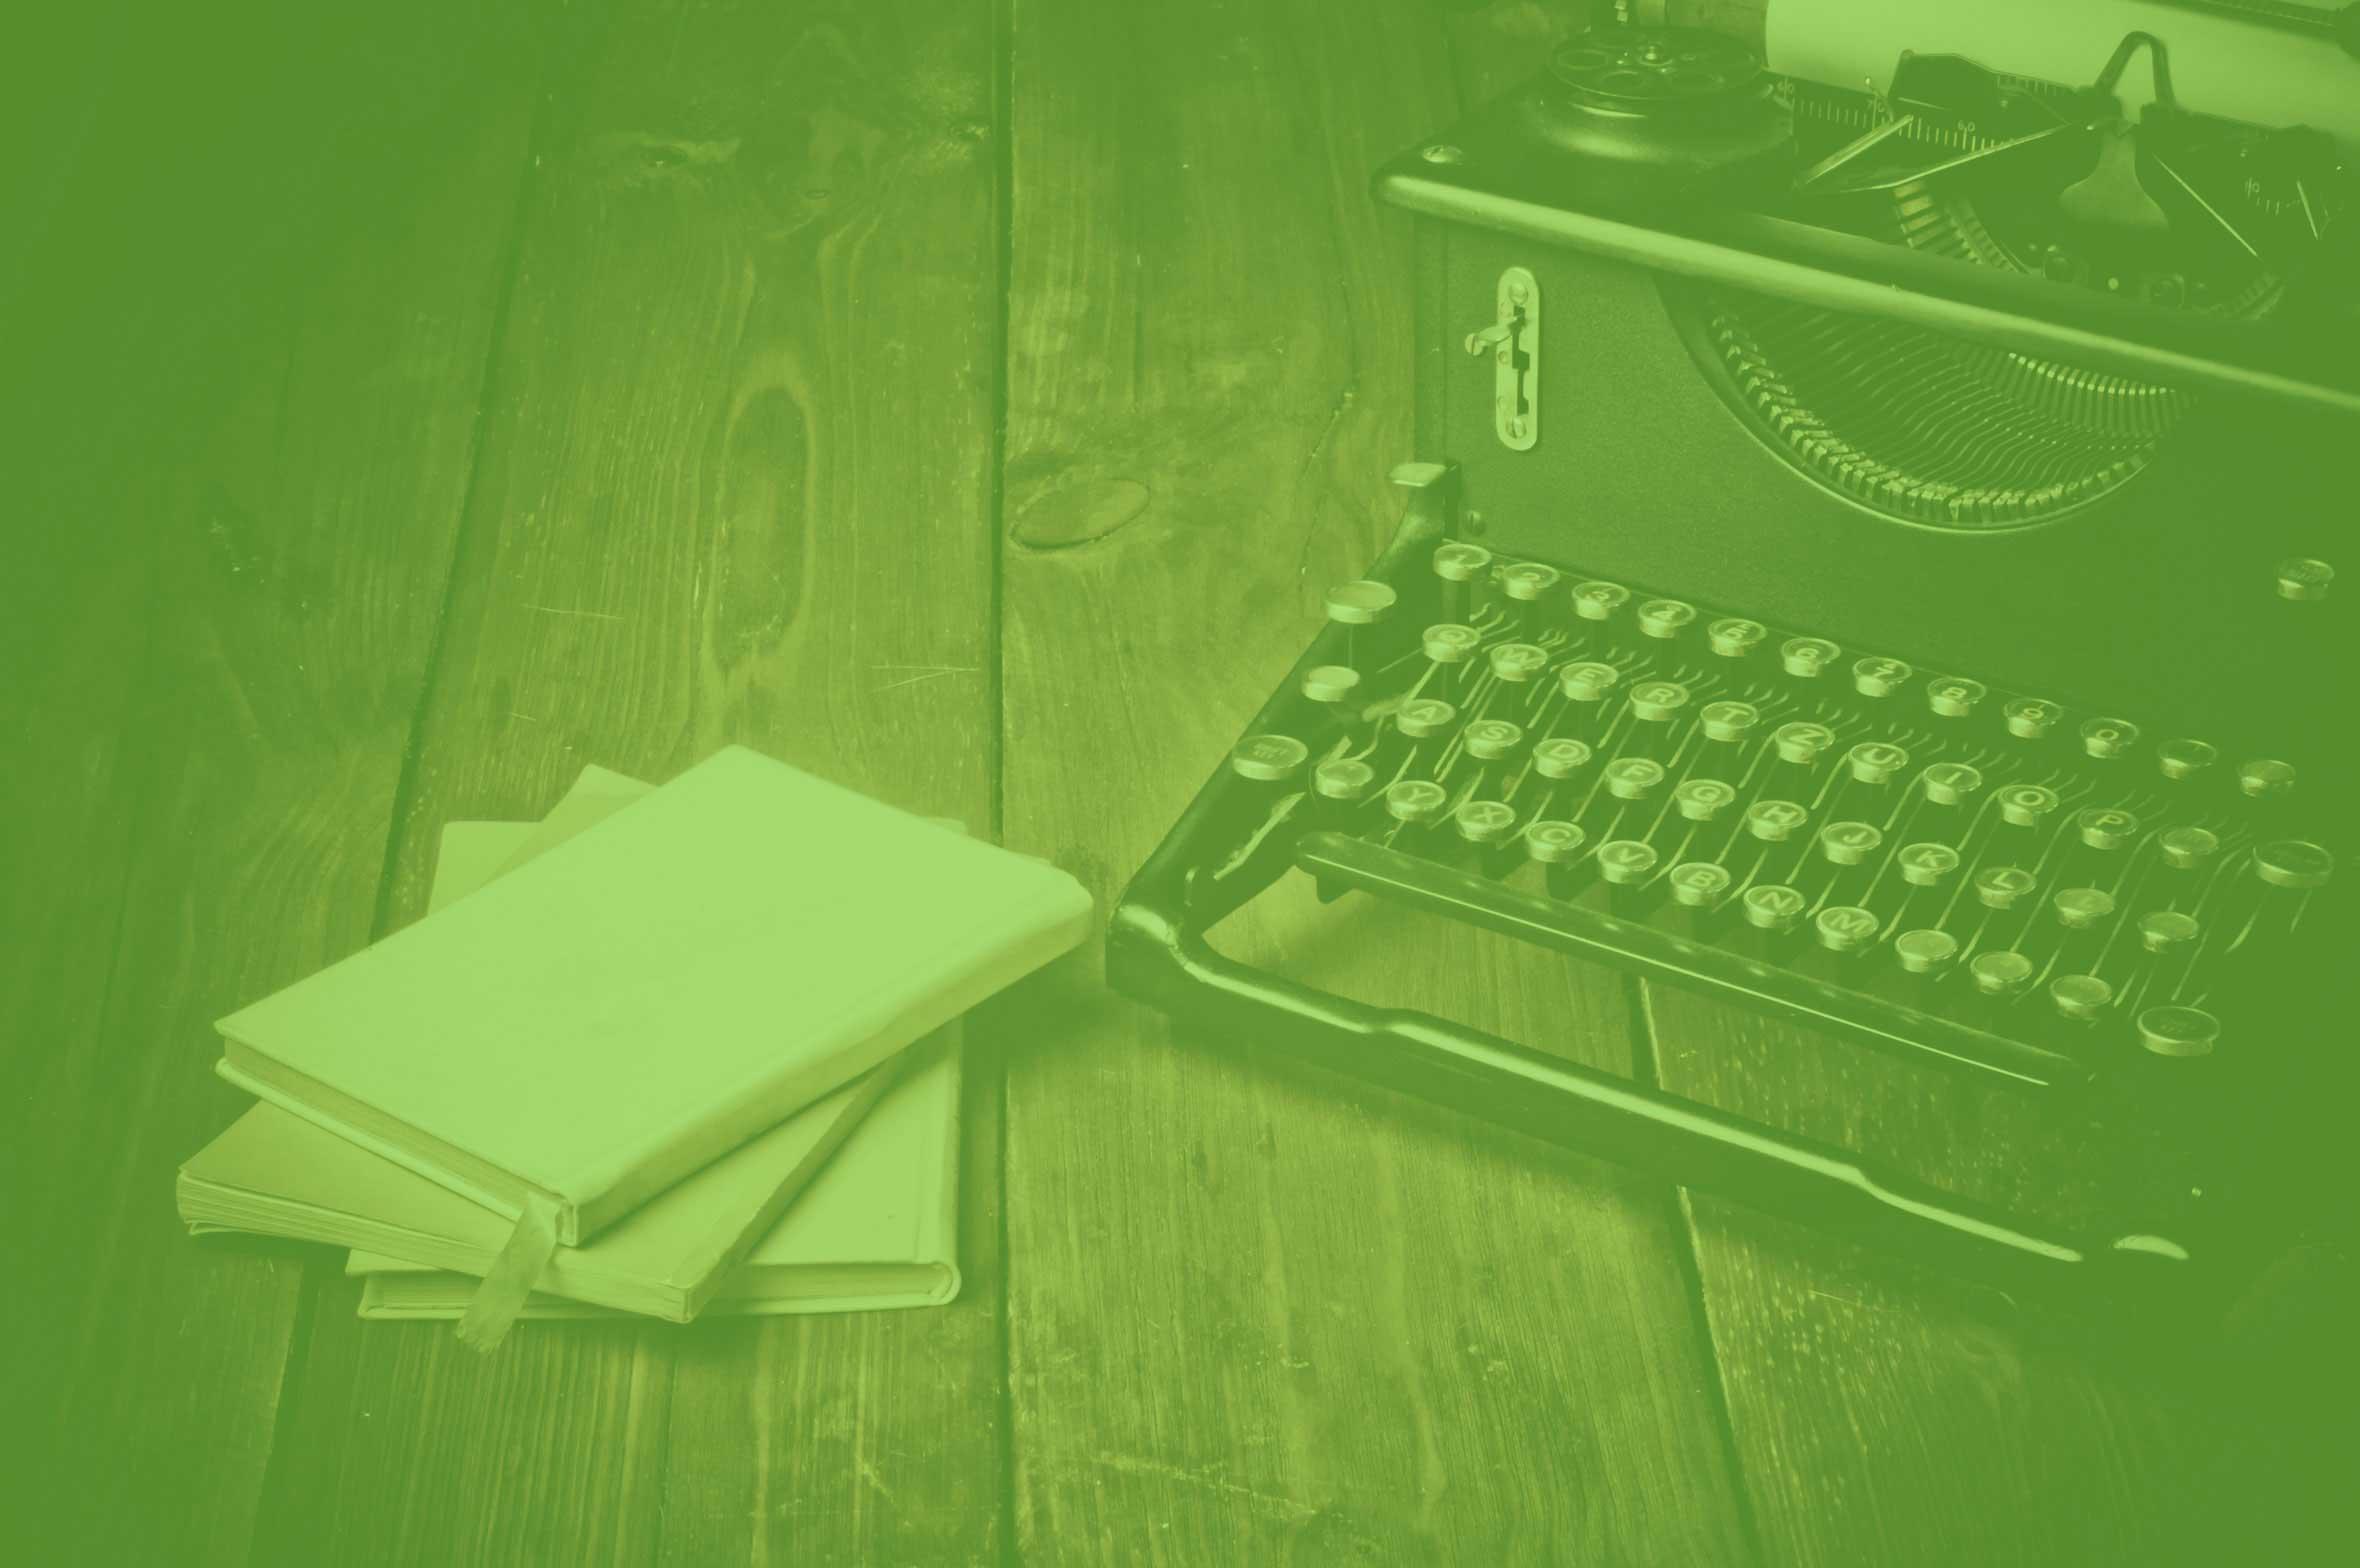 Texte, interne Kommunikation, externe Unternehmenskommunikation, Werbung, Werbetexte, Marketing, Pressetexte, Infotexte, Webseiten-Relaunch, neue Texte Webseite, Mailings, Künstlerbiografie, Textklinik, Lektorat, Korrektur Texte, Produkttexte, Werbetexte.